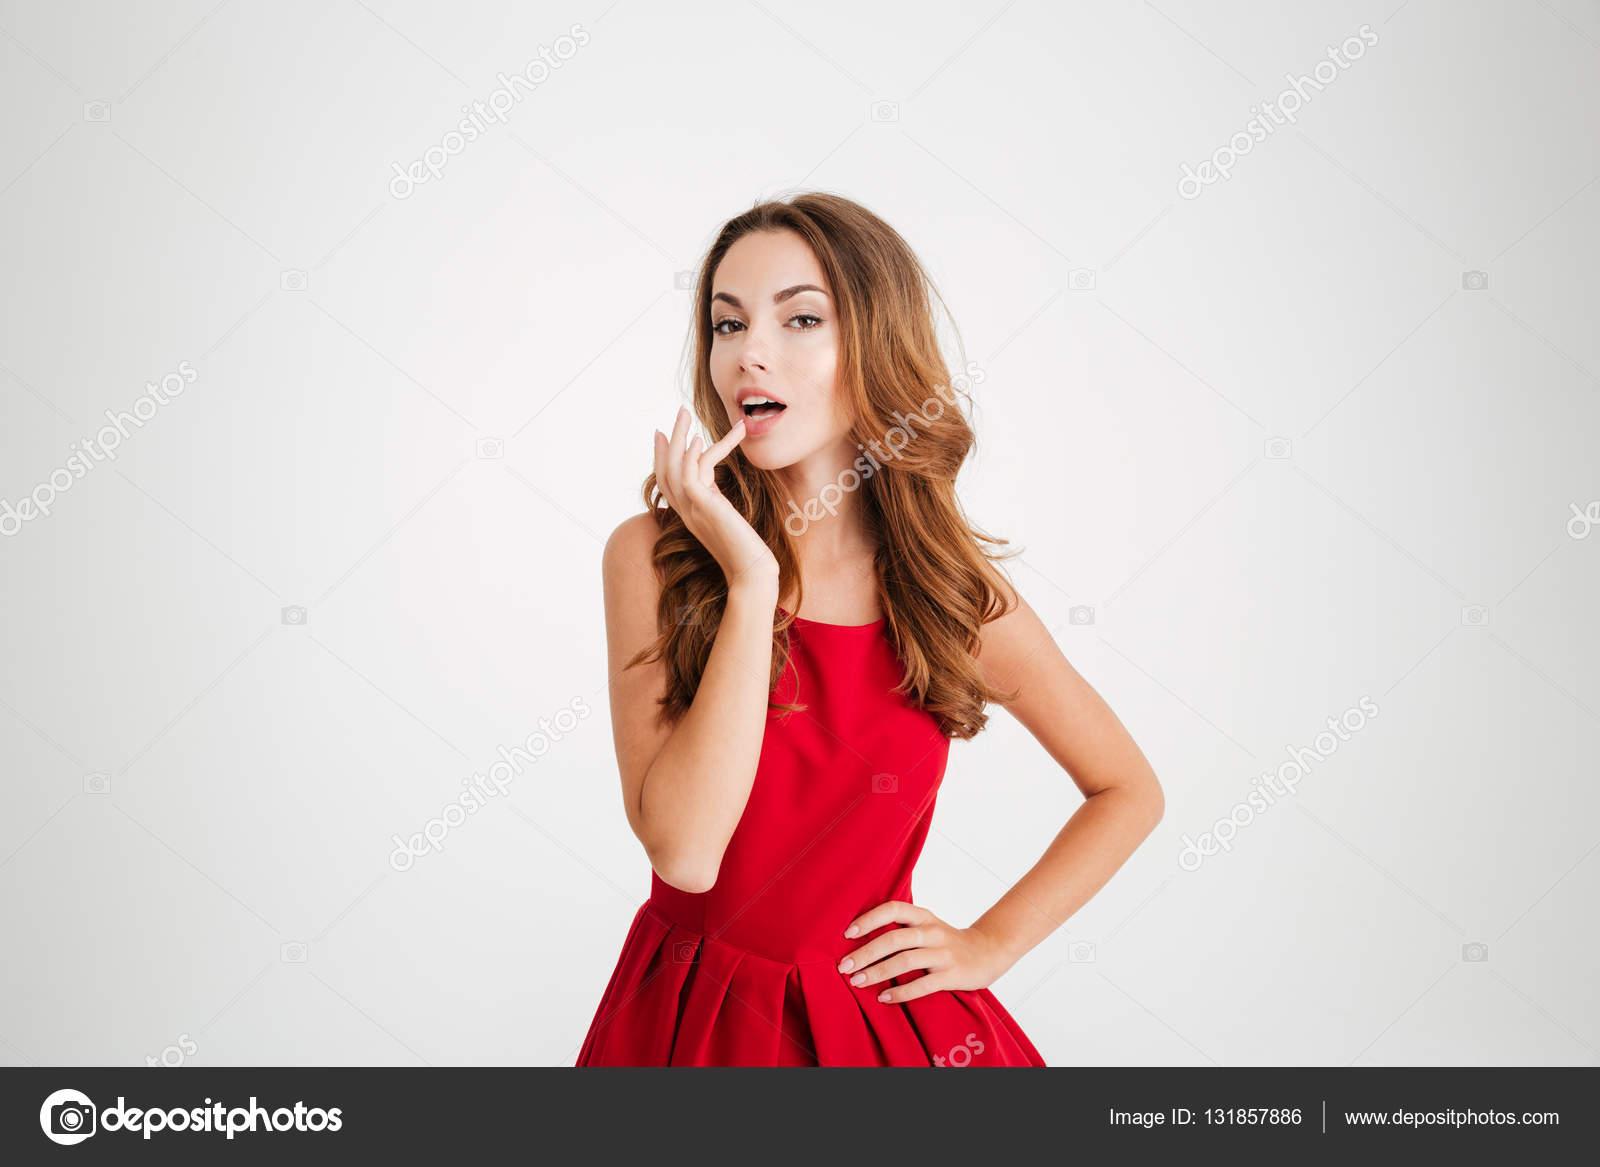 Hermosa juguetona mujer en vestido rojo mirando a cámara — Fotos de Stock a69c3903ce75